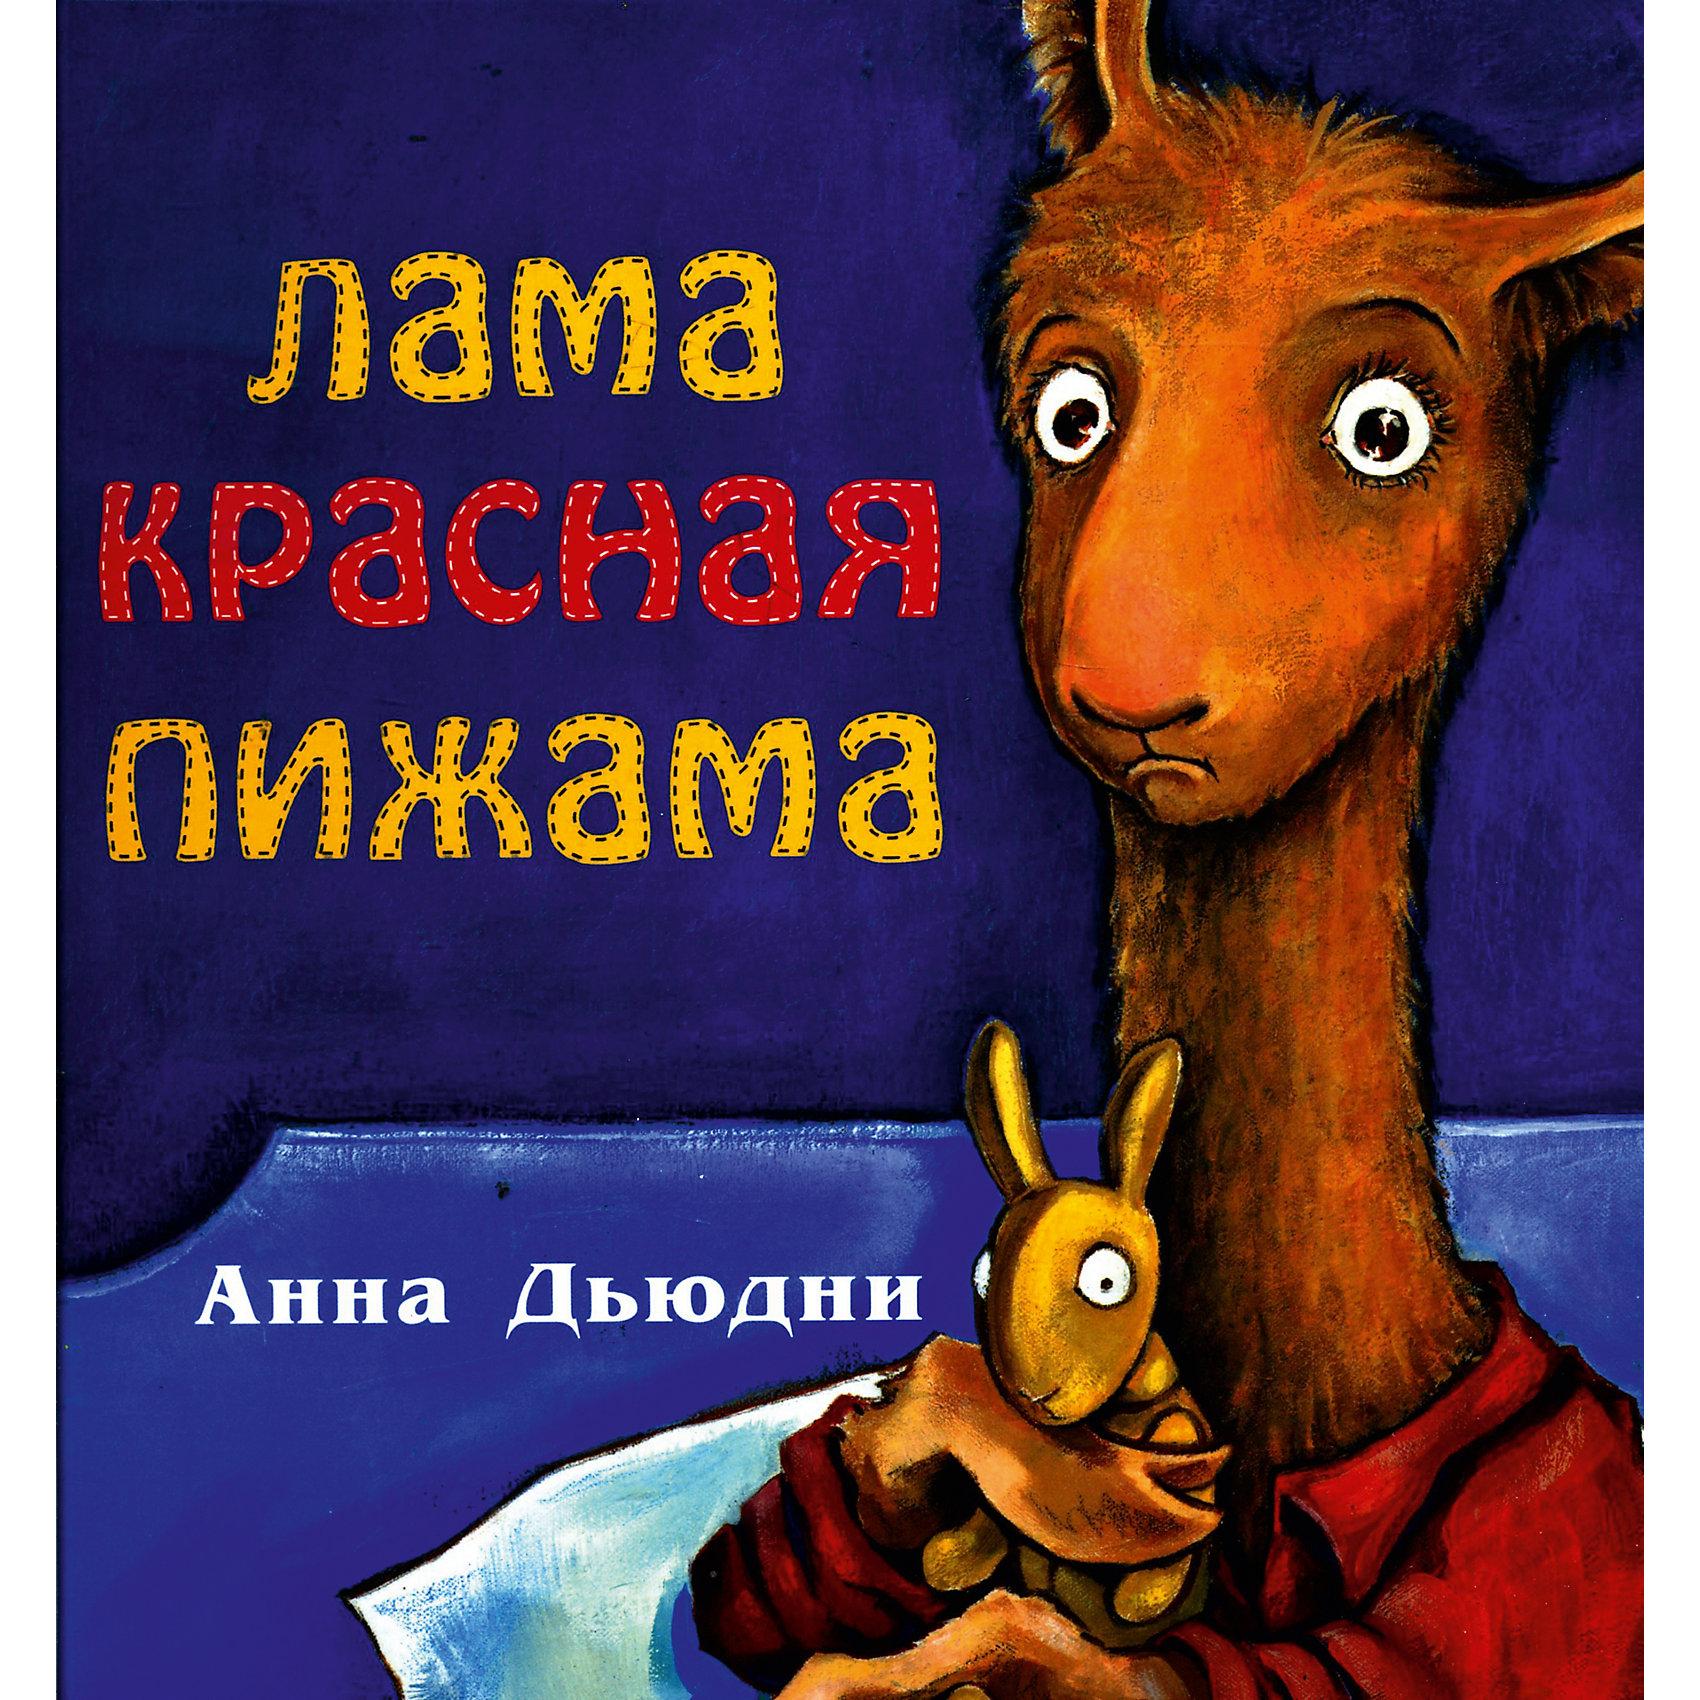 Лама красная пижама, А. ДьюдниЛама красная пижама, А. Дьюдни – книга о том, что больше всего беспокоит малышей, боязнь остаться одному, желание быть с мамой постоянно.<br>Маленькая лама привыкла ложиться спать со своей мамой. Но та сегодня занялась домашними делами и оставила ламу одну. Крошка Лама не хочет лежать одна в кроватке и пытается всеми силами заманить маму обратно, а потом начинает беспокоиться. Детское воображение рисует невероятные картины. Сердечко маленькой Ламы все сильнее бьется - если мама не вернется? Но, конечно же, мама спешит на помощь своему обожаемому ребенку. Анна Дьюдни вписала в небольшой поэтический текст широкую гамму чувств - от непонятного, еле осознаваемого волнения-бурчания в животе до ужаса вселенского масштаба. Через все эти состояния проходит маленькая Лама. Книжка простыми и понятными словами объясняет поведение ребенка ему самому, учит его терпению и тому, что и у мам есть право на личное время. Чудесный стихотворный ритм, прекрасные иллюстрации помогут малышам разобраться в своих эмоциях и справиться с трудностями их детской жизни.<br><br>Дополнительная информация:<br><br>- Автор: Дьюдни Анна<br>- Художник: Дьюдни Анна<br>- Переводчик: Духанова Татьяна<br>- Издательство: Карьера Пресс, 2015 г.<br>- Серия: Книжки про крошку Ламу<br>- Тип обложки: мягкий переплет (крепление скрепкой или клеем)<br>- Иллюстрации: цветные<br>- Количество страниц: 32 (мелованная)<br>- Размер: 260x257x3 мм.<br>- Вес: 218 гр.<br><br>Книгу «Лама красная пижама», А. Дьюдни можно купить в нашем интернет-магазине.<br><br>Ширина мм: 254<br>Глубина мм: 3<br>Высота мм: 260<br>Вес г: 270<br>Возраст от месяцев: 0<br>Возраст до месяцев: 60<br>Пол: Унисекс<br>Возраст: Детский<br>SKU: 4522404